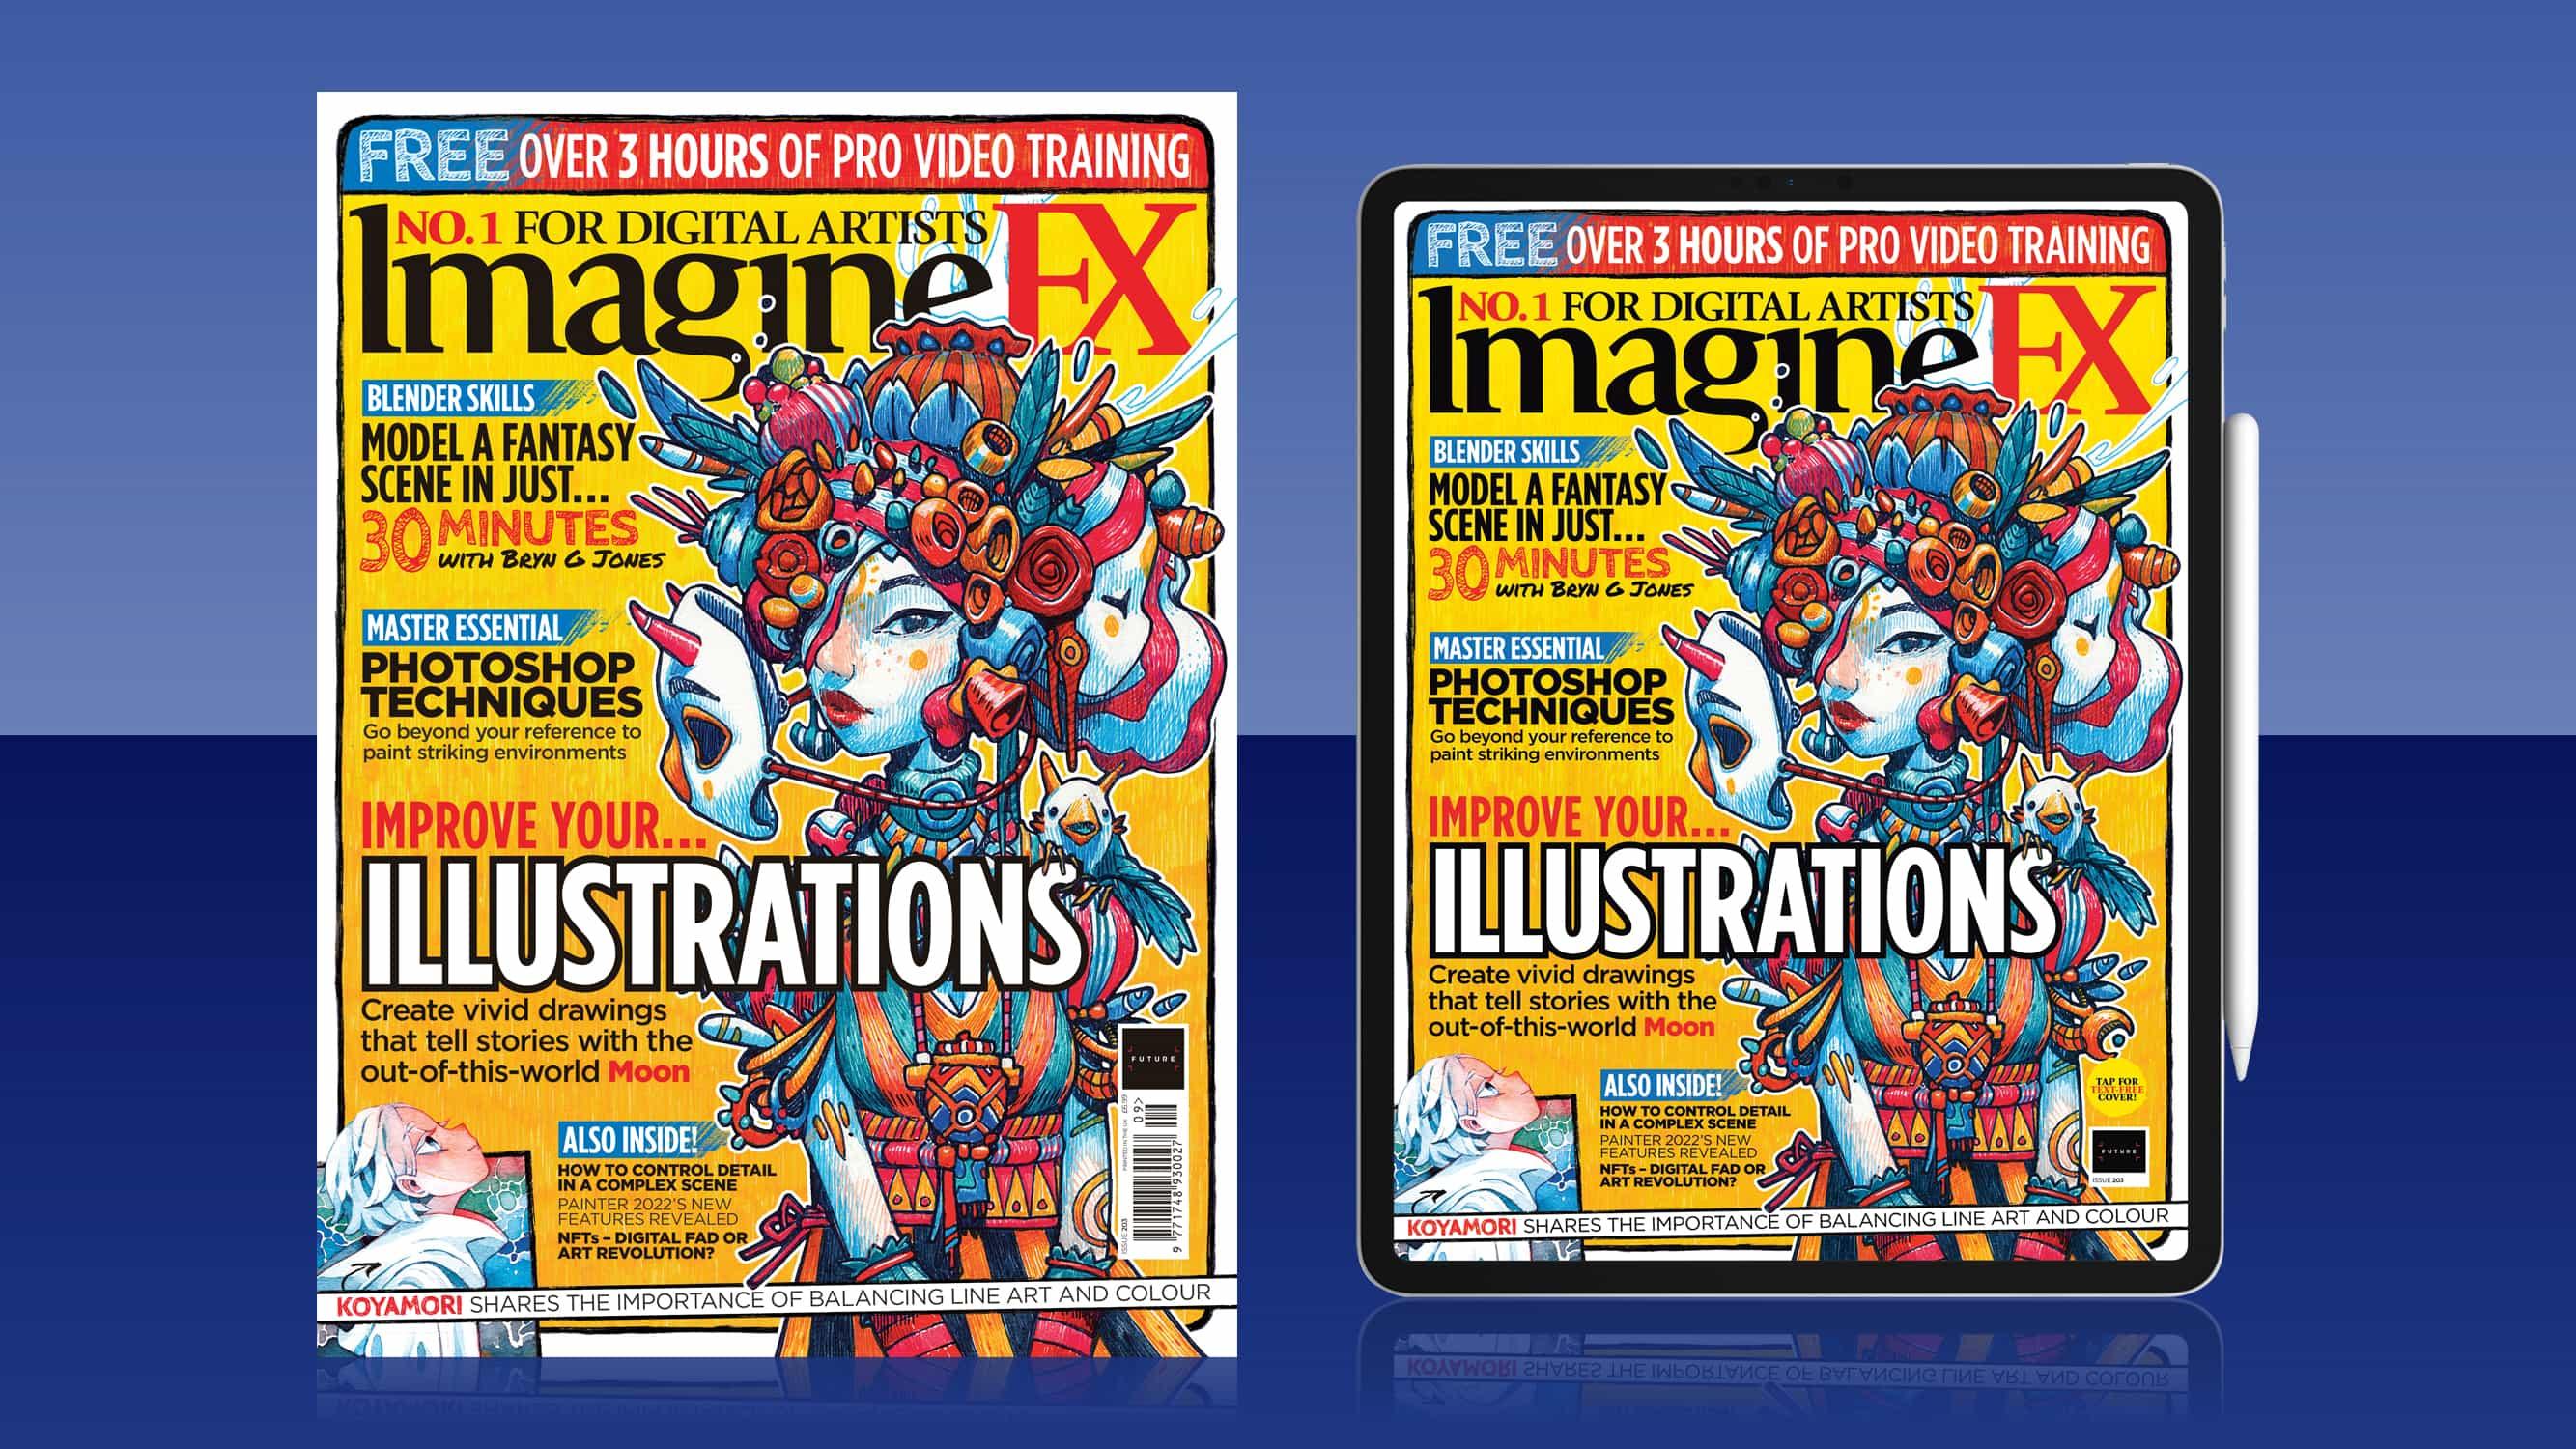 Mejore el dibujo con la edición de ilustraciones de ImagineFX